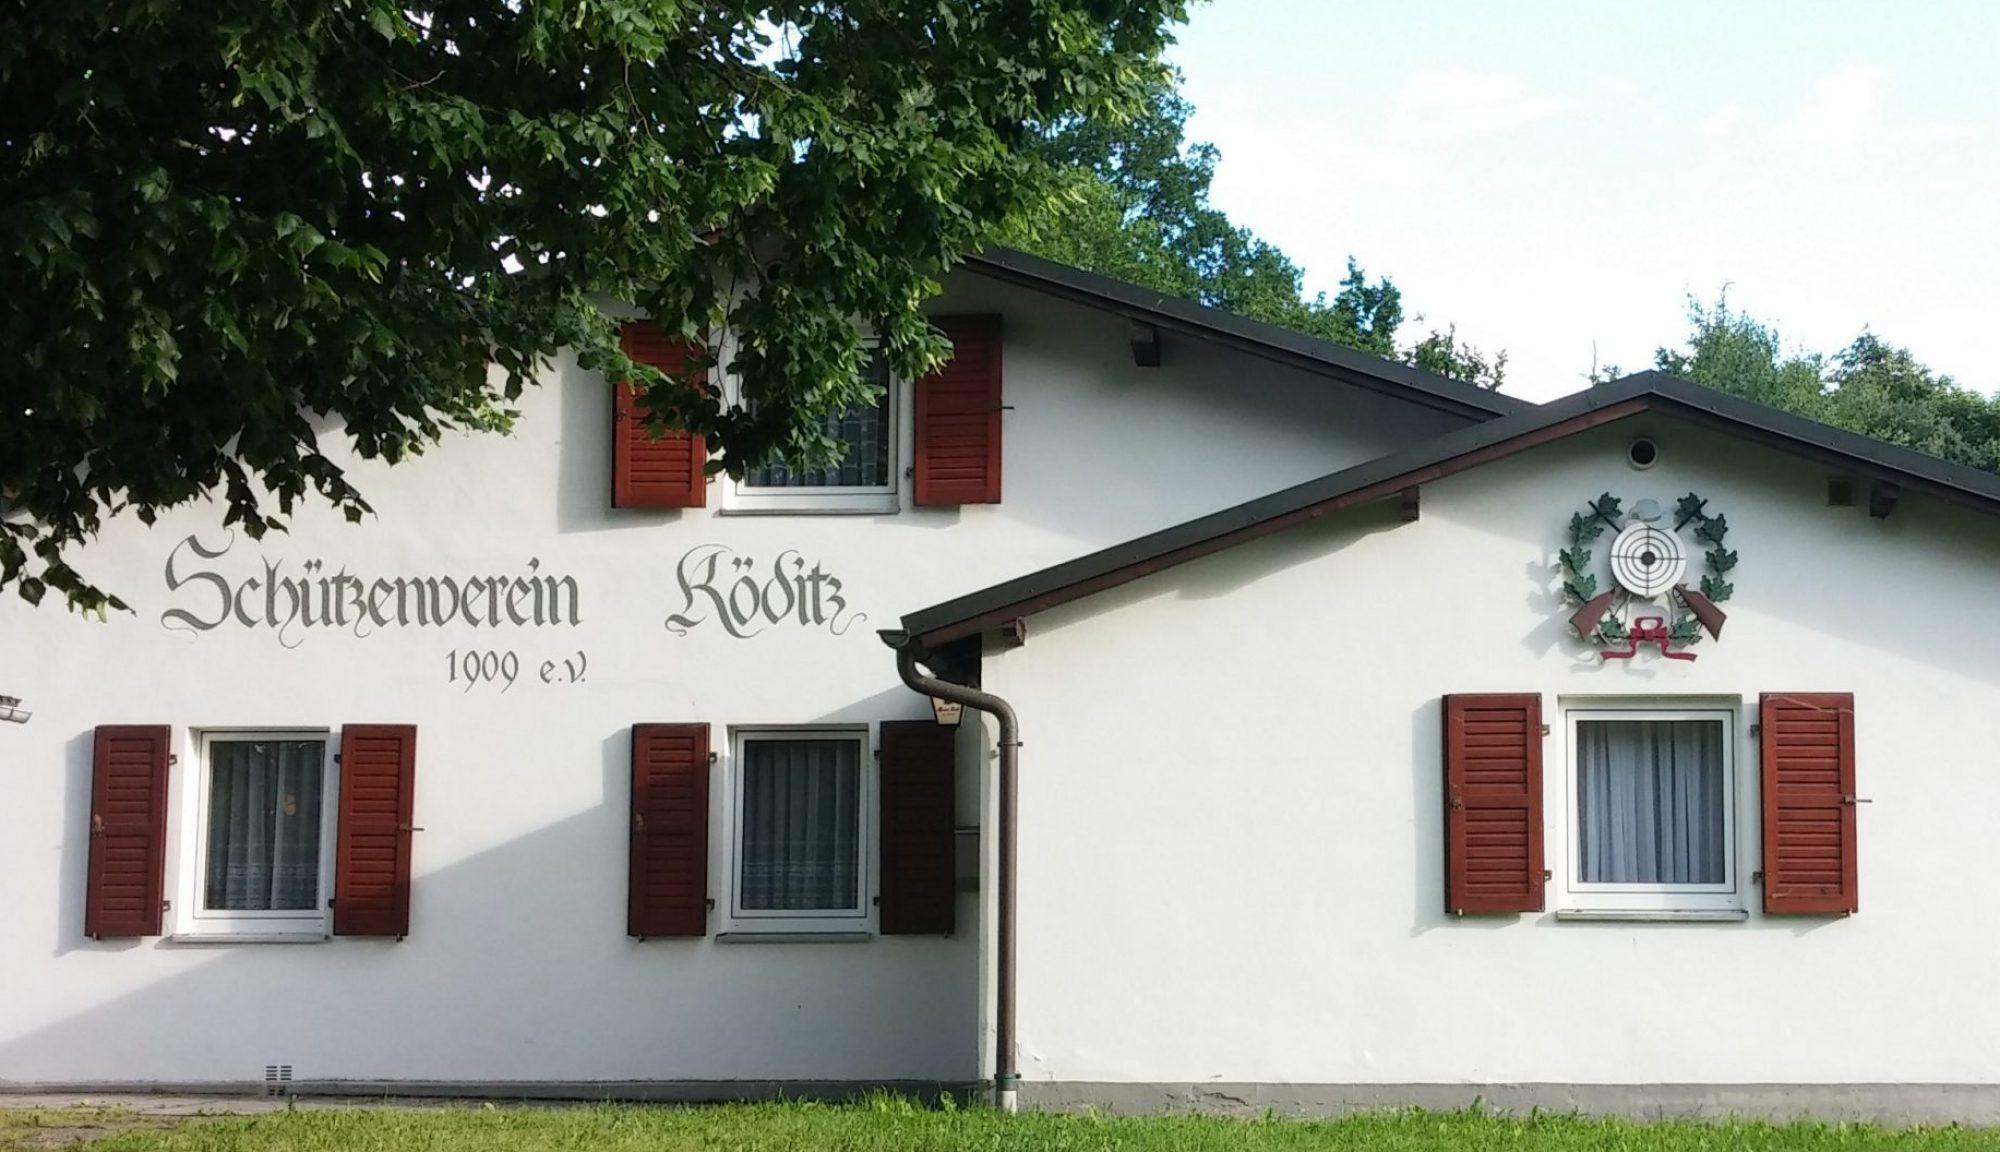 Schützenverein Köditz